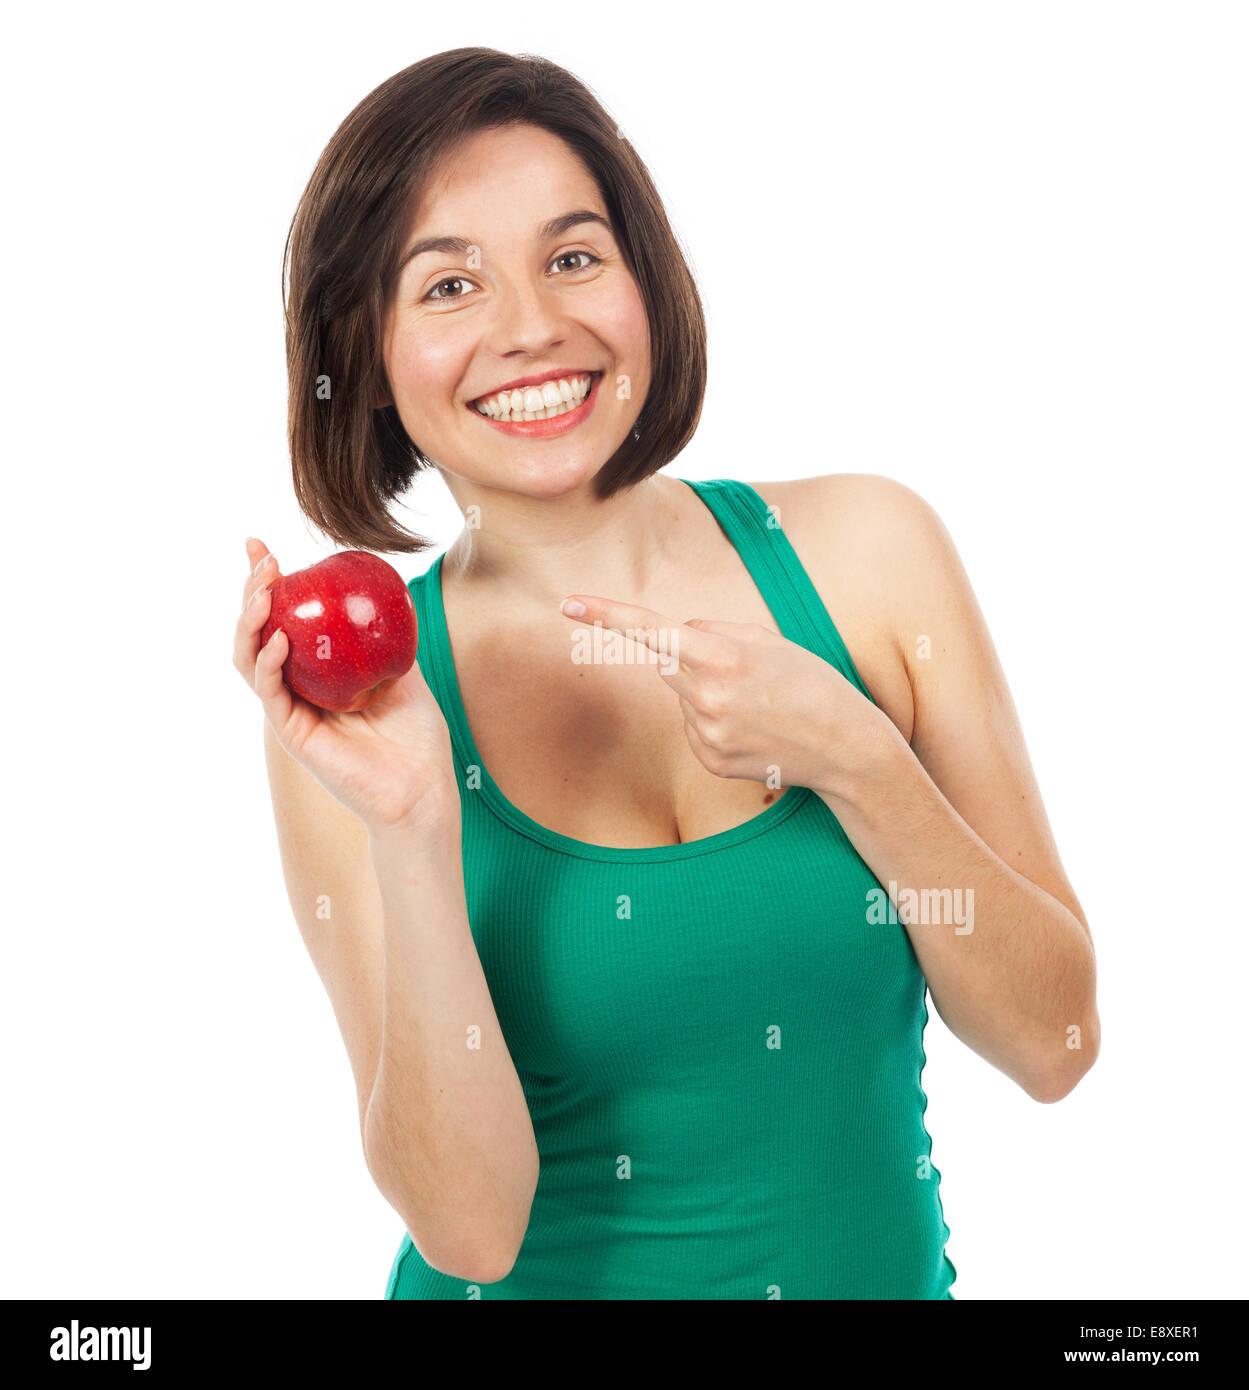 Schöne junge Frau hält und zeigt einen roten Apfel, isoliert auf weiss Stockbild